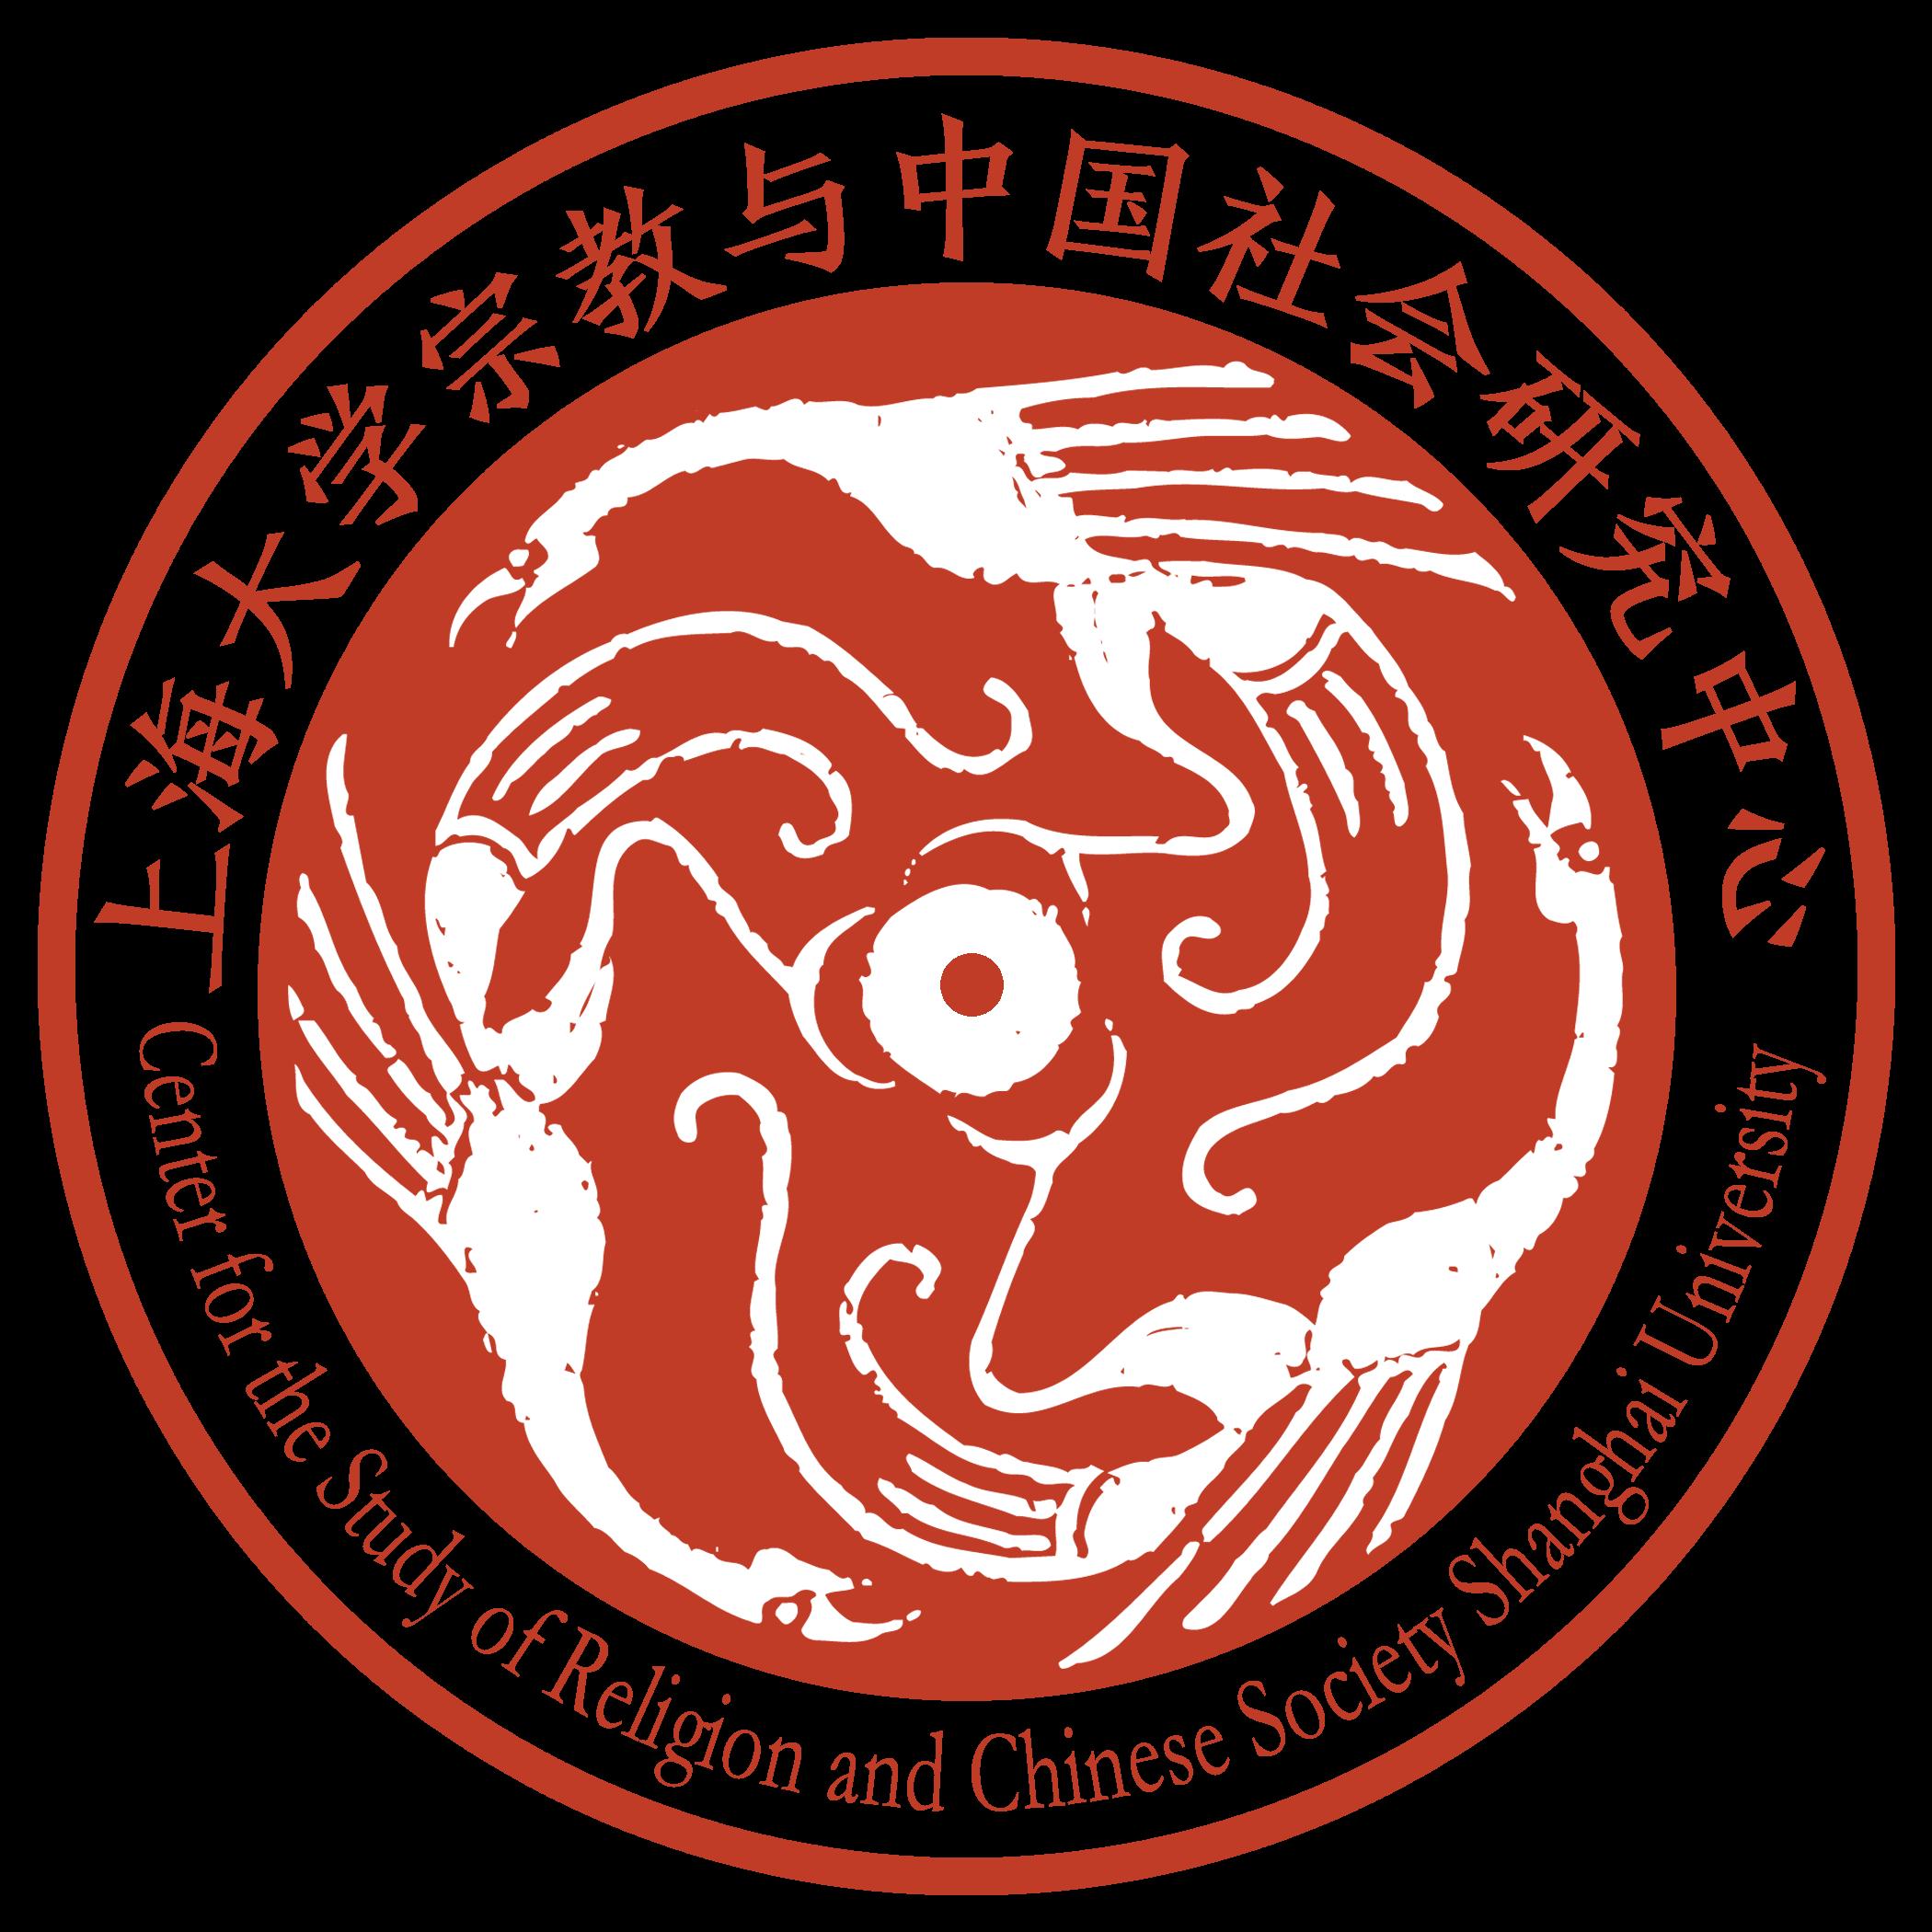 上海大学宗教与中国社会研究中心简介